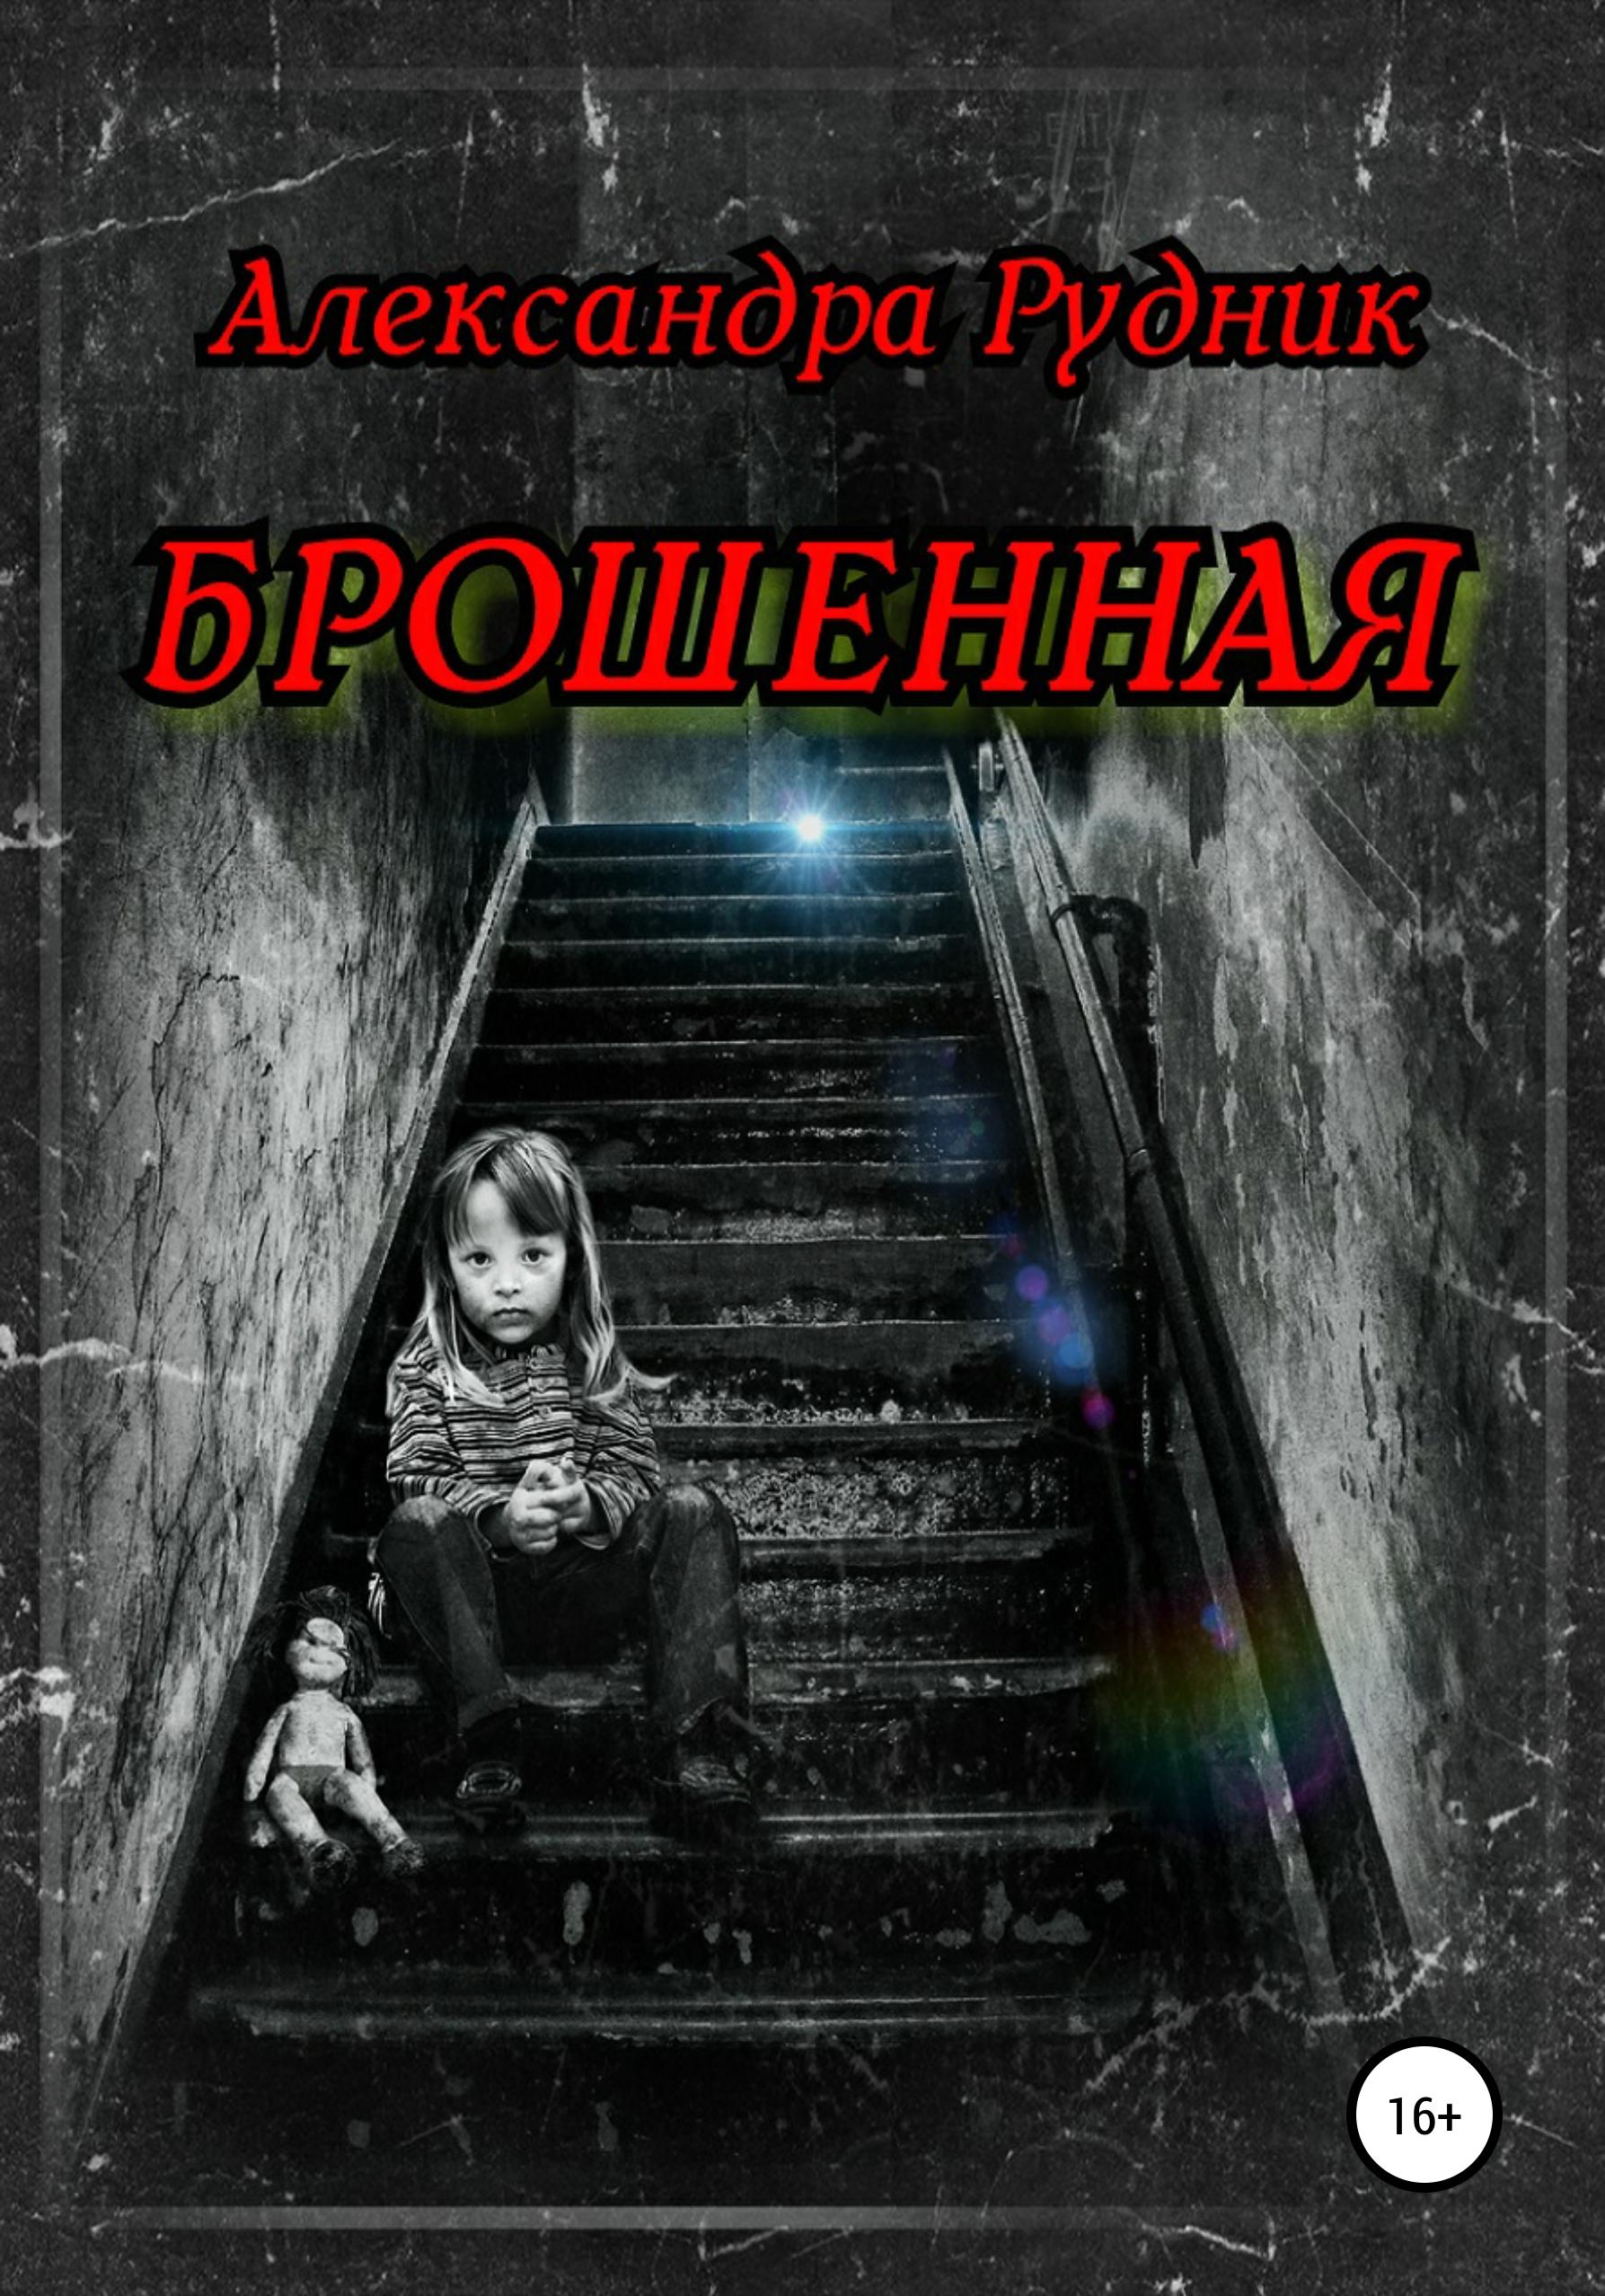 Александра Рудник - Брошенная